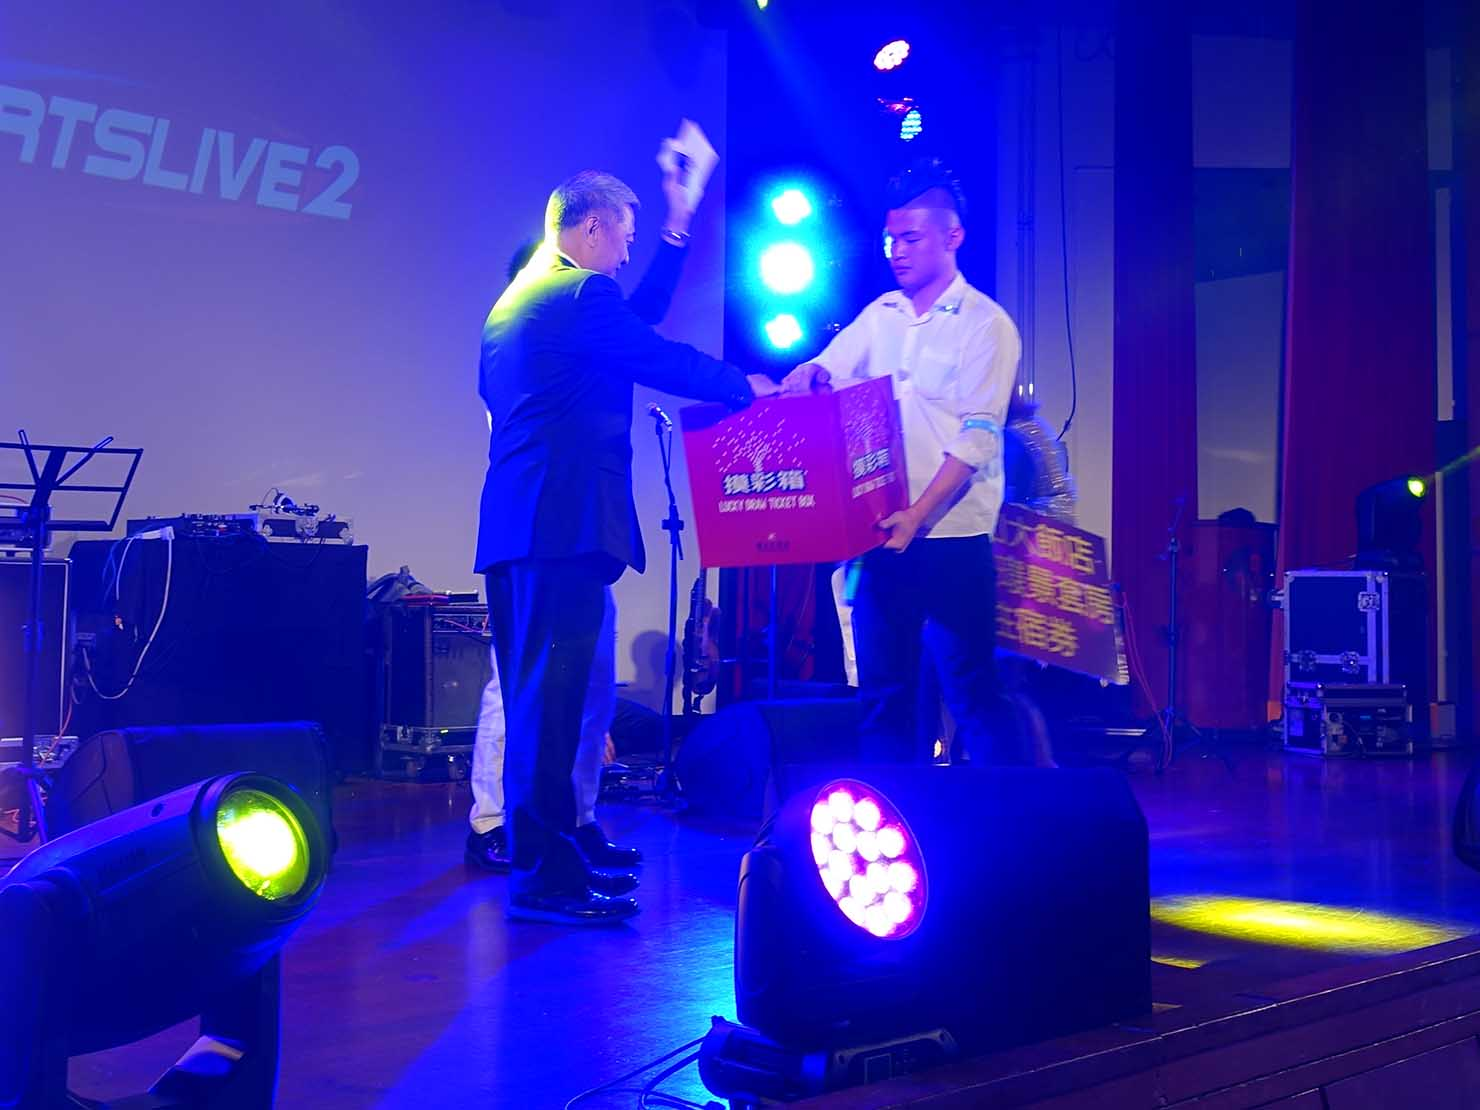 台北・圓山大飯店のカウントダウンパーティー「Bling Bling跨年派對」ステージの追加抽選大会